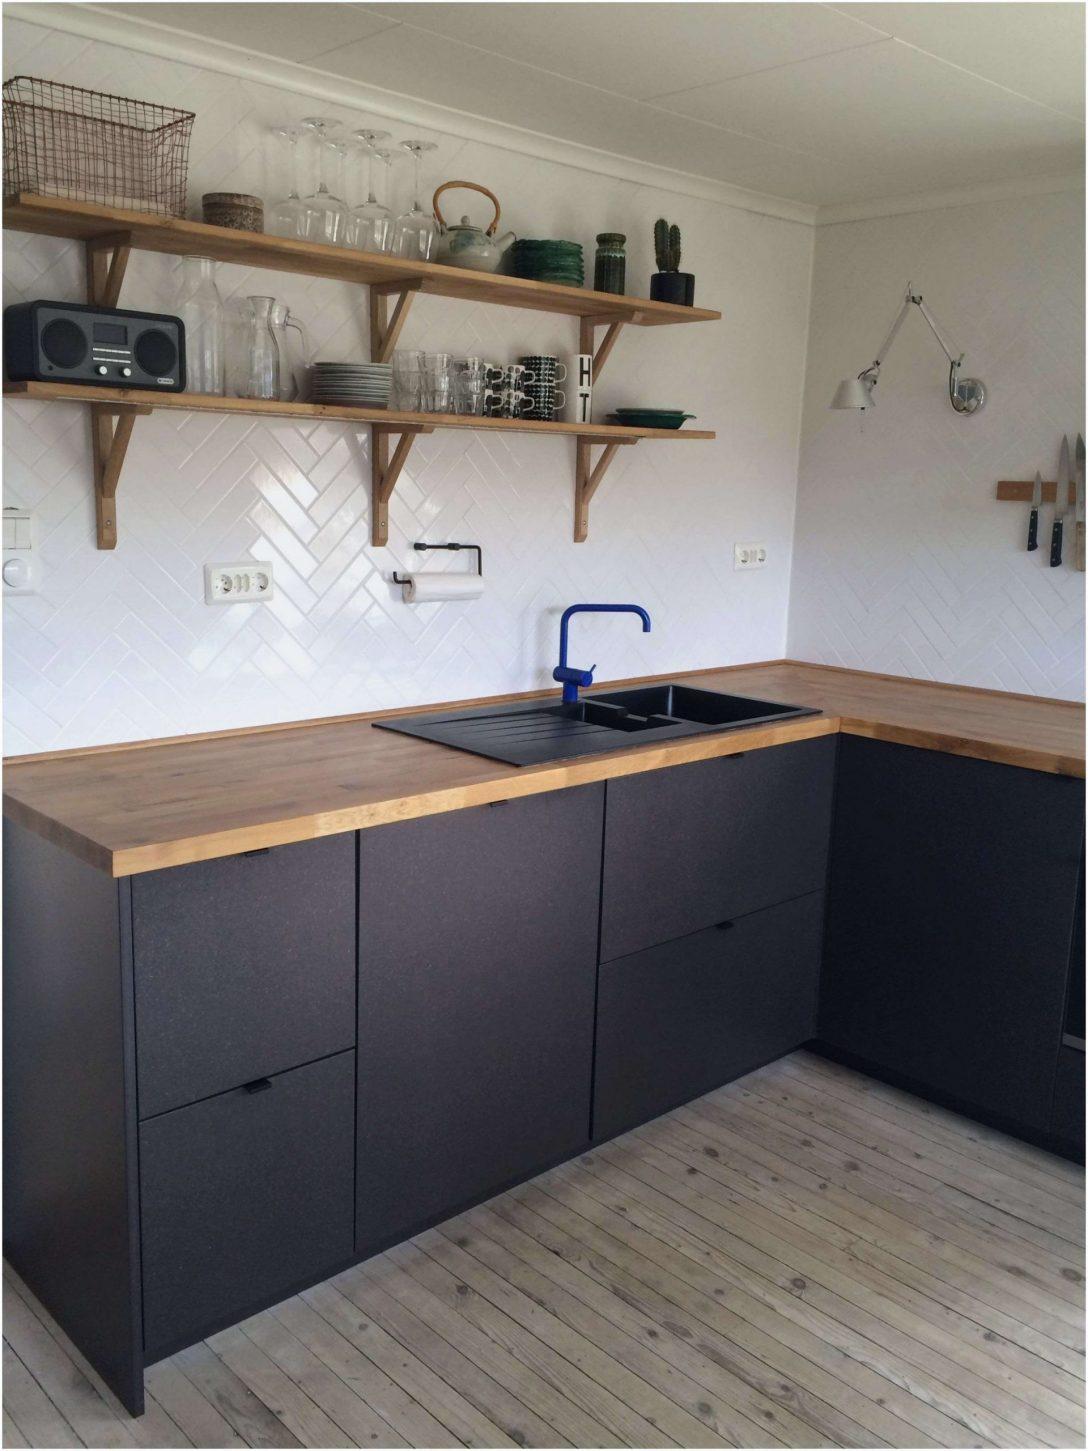 Large Size of Kche Ikea Faktum Stt For Sale Stat Weiss Kitchen Wasserhhne Betten 160x200 Apothekerschrank Küche Modulküche Kosten Bei Miniküche Kaufen Sofa Mit Wohnzimmer Ikea Apothekerschrank